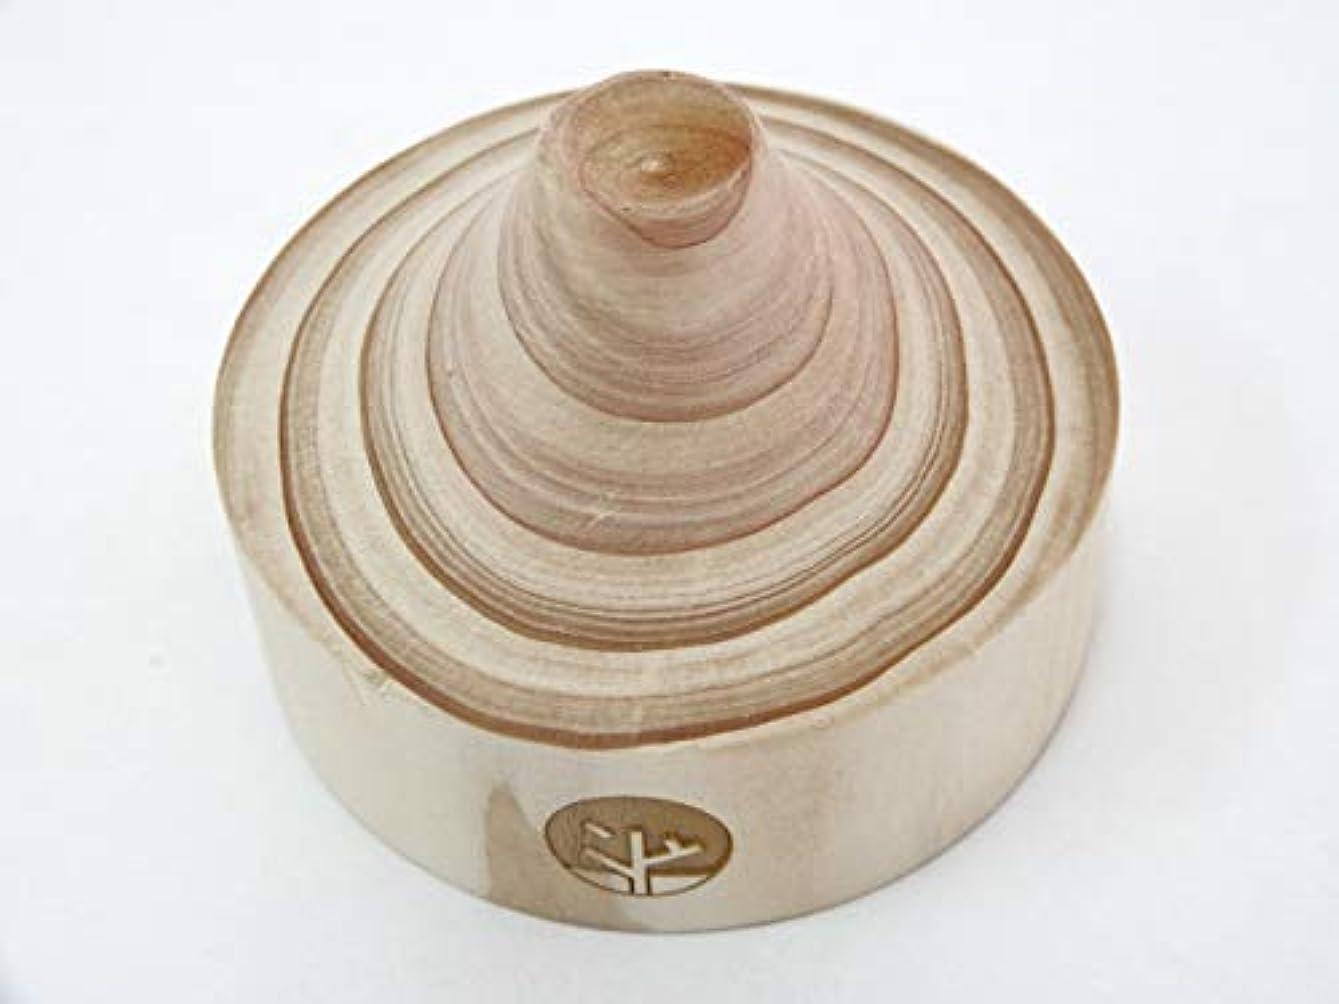 費やすひいきにする浜辺一郎木創 木製 アロマディッシュ 心持木受香器 火山 桧 TL-97-7